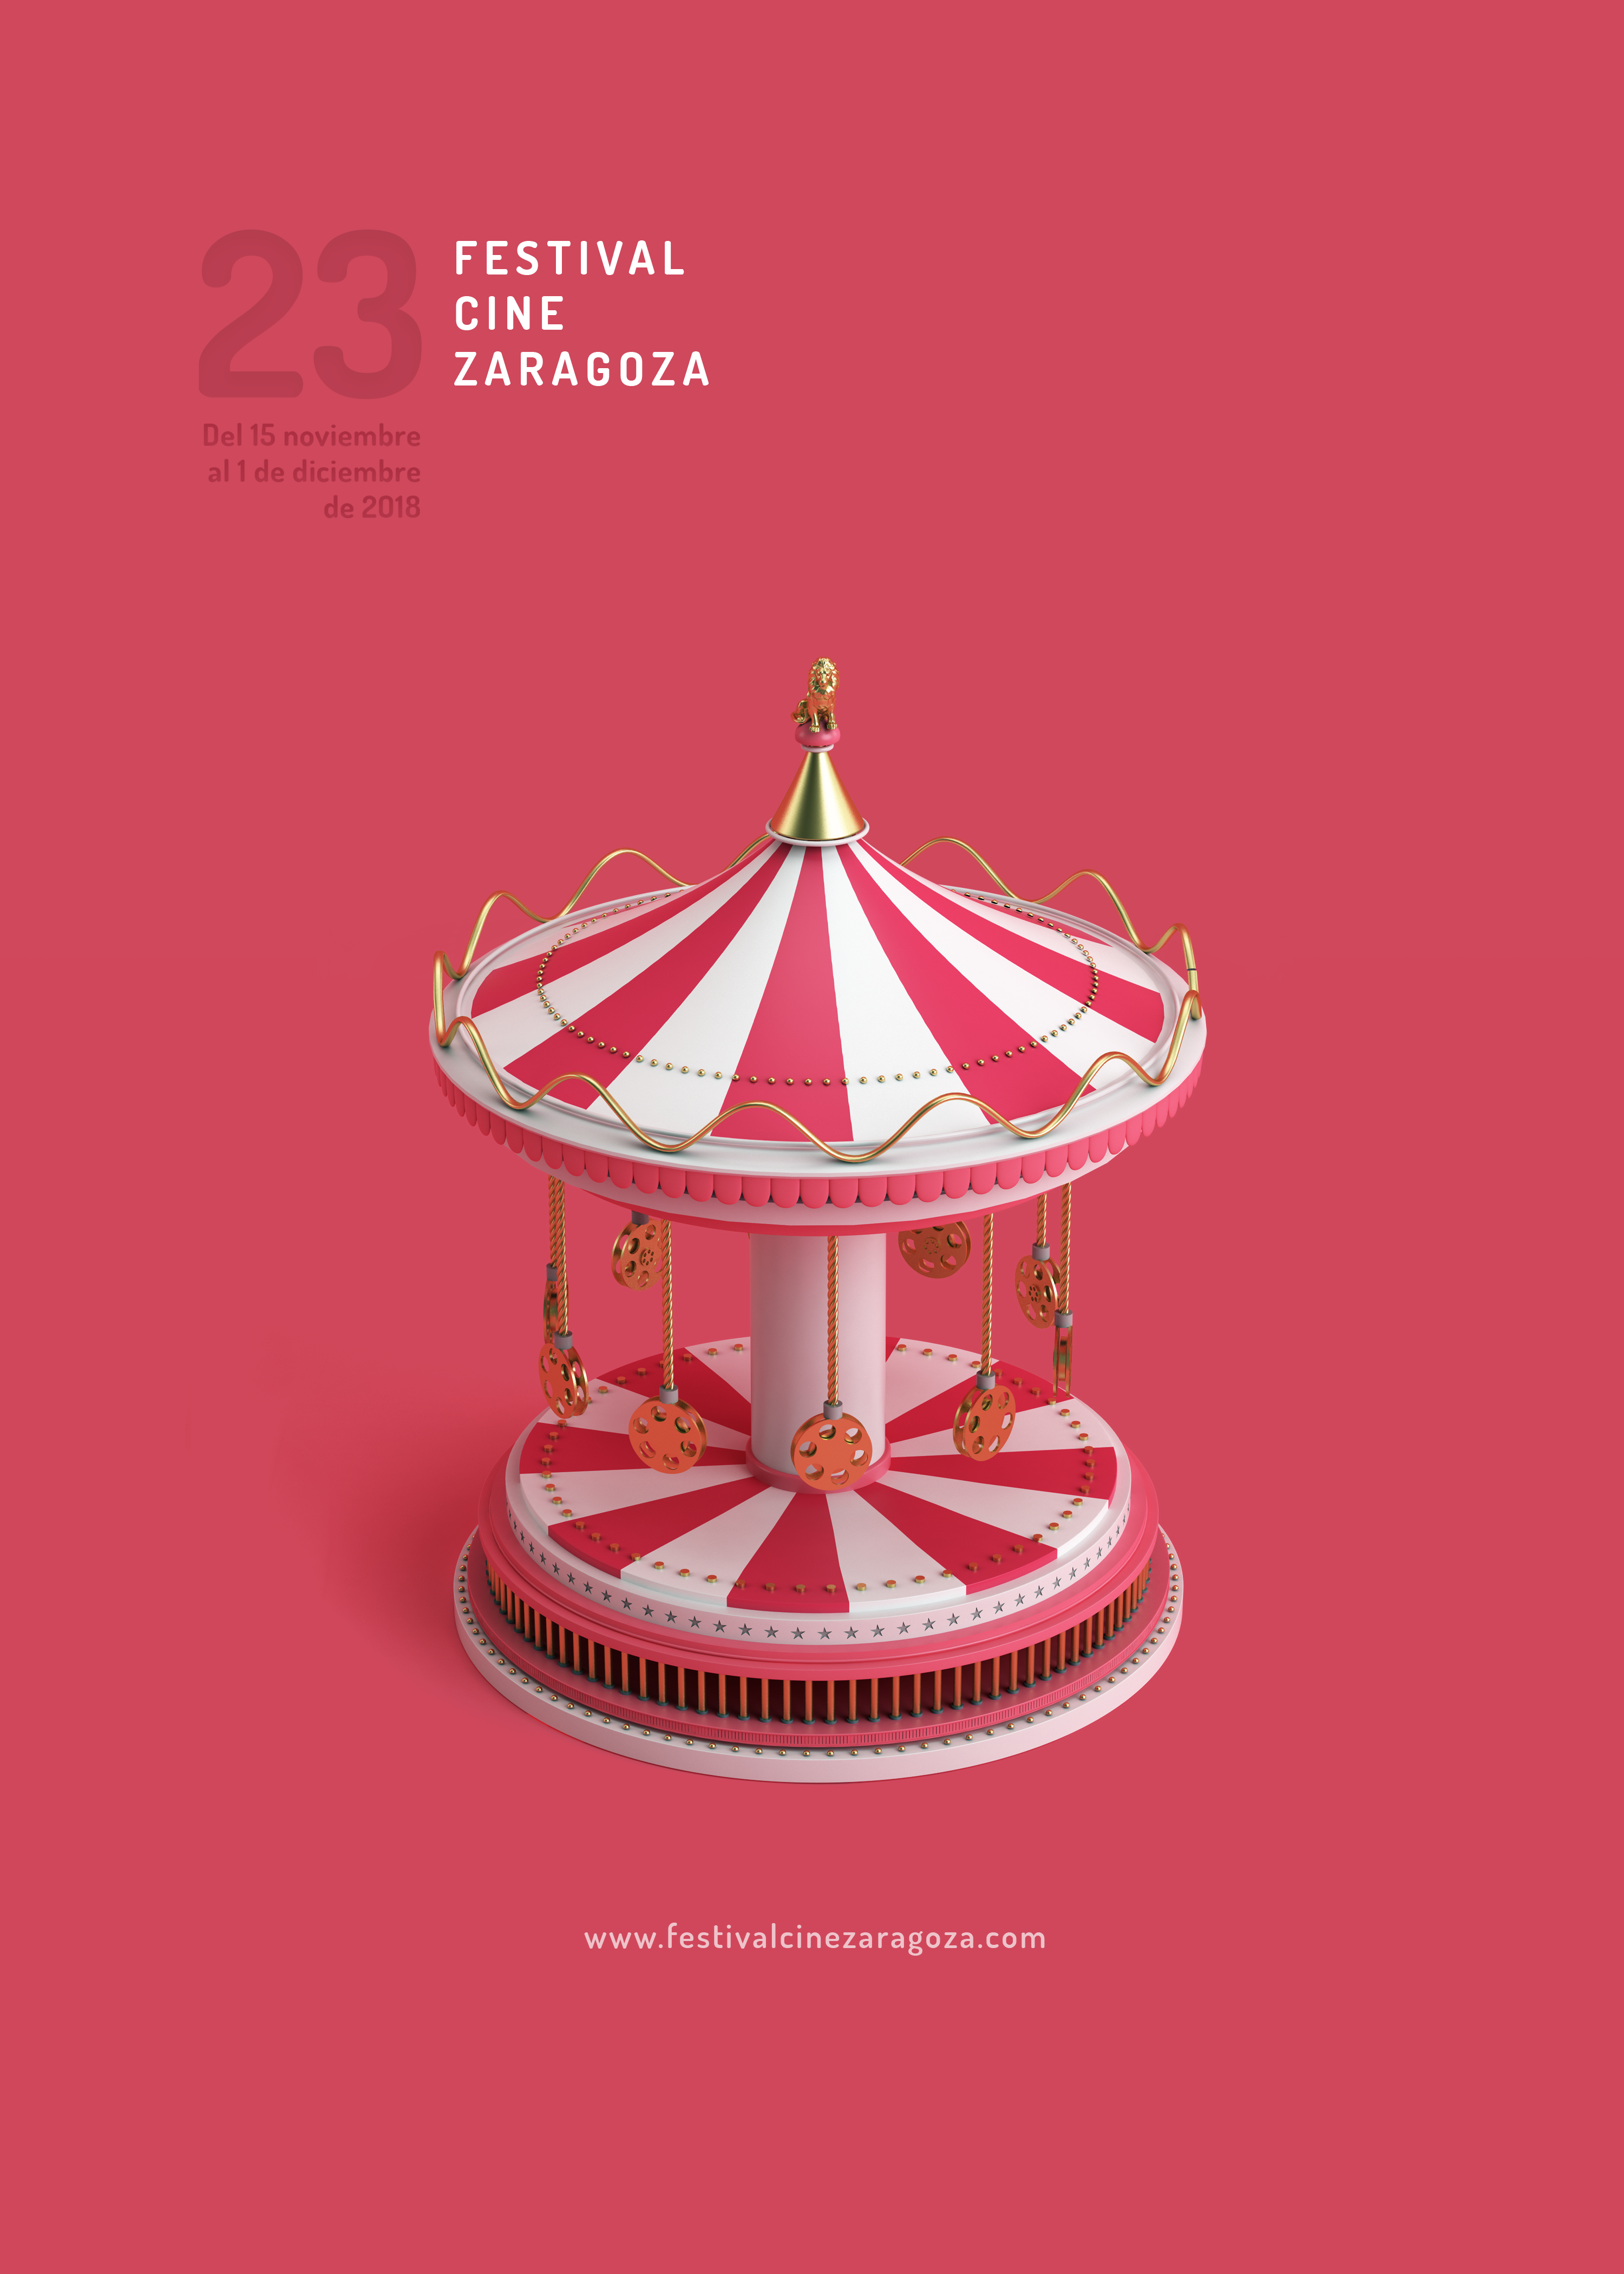 Festival-Cine-Zaragoza